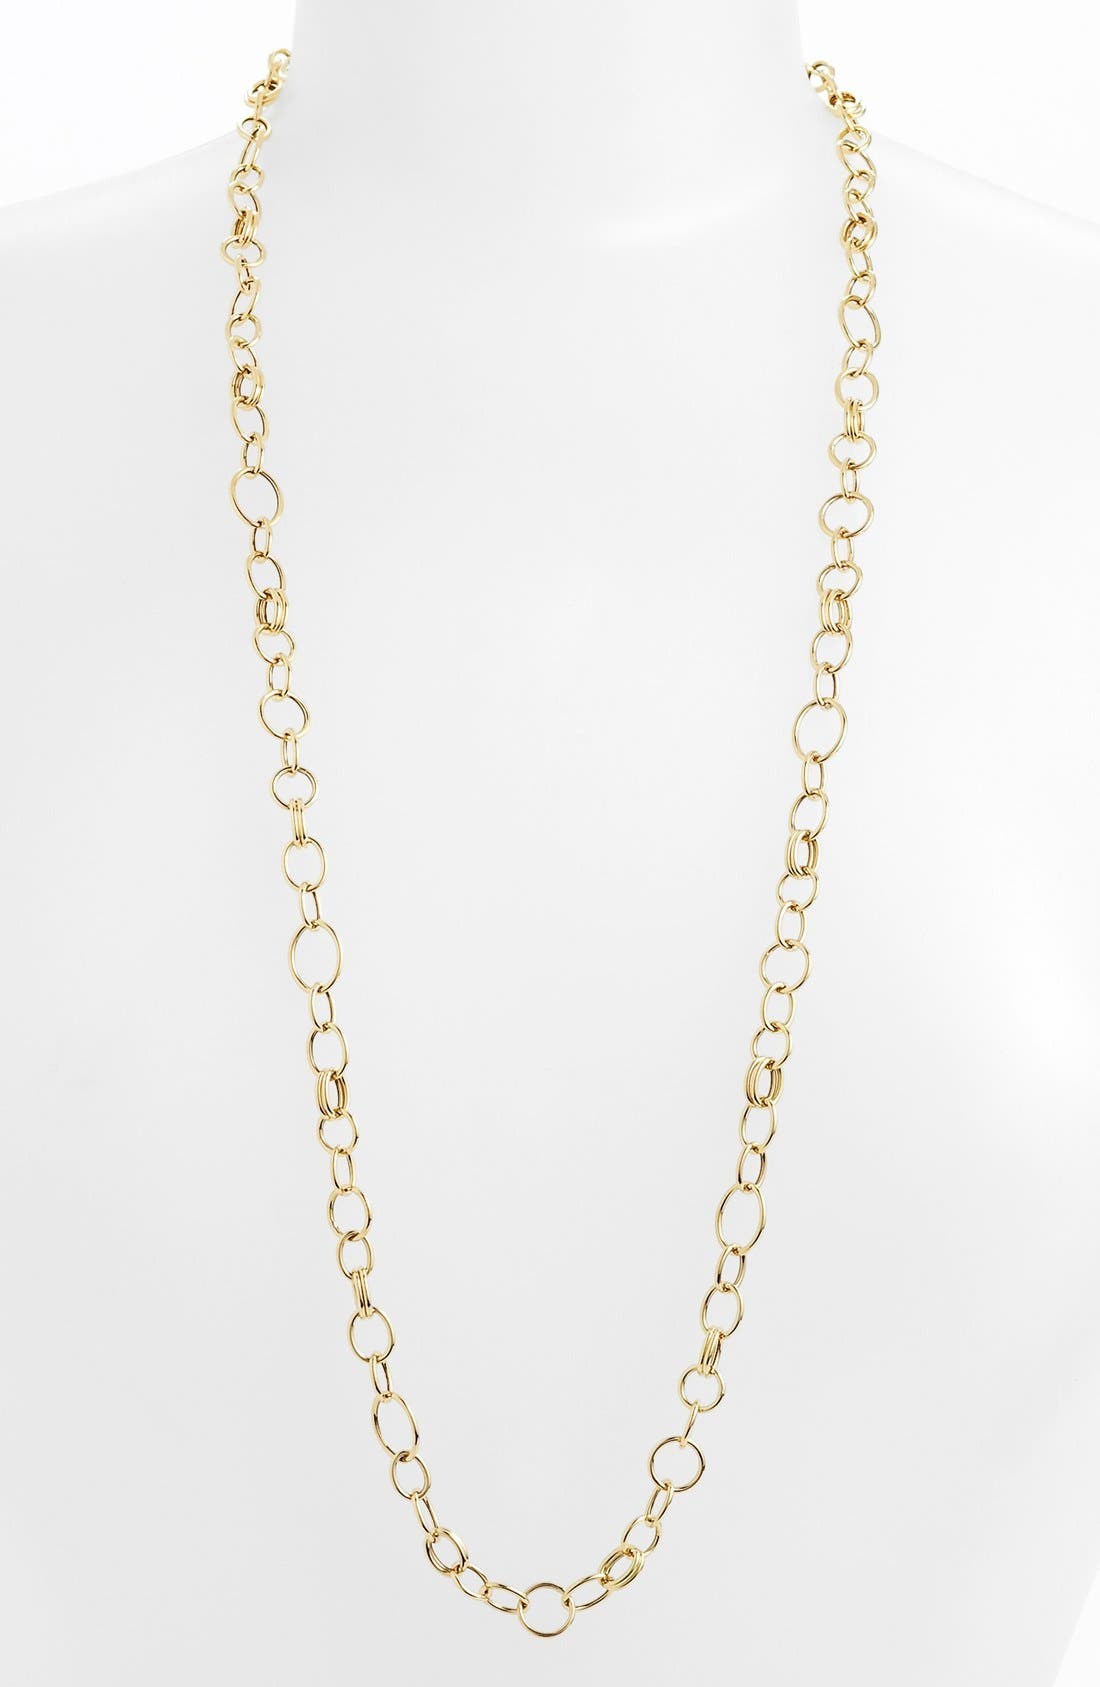 Main Image - Ippolita 18k Gold Long Link Necklace